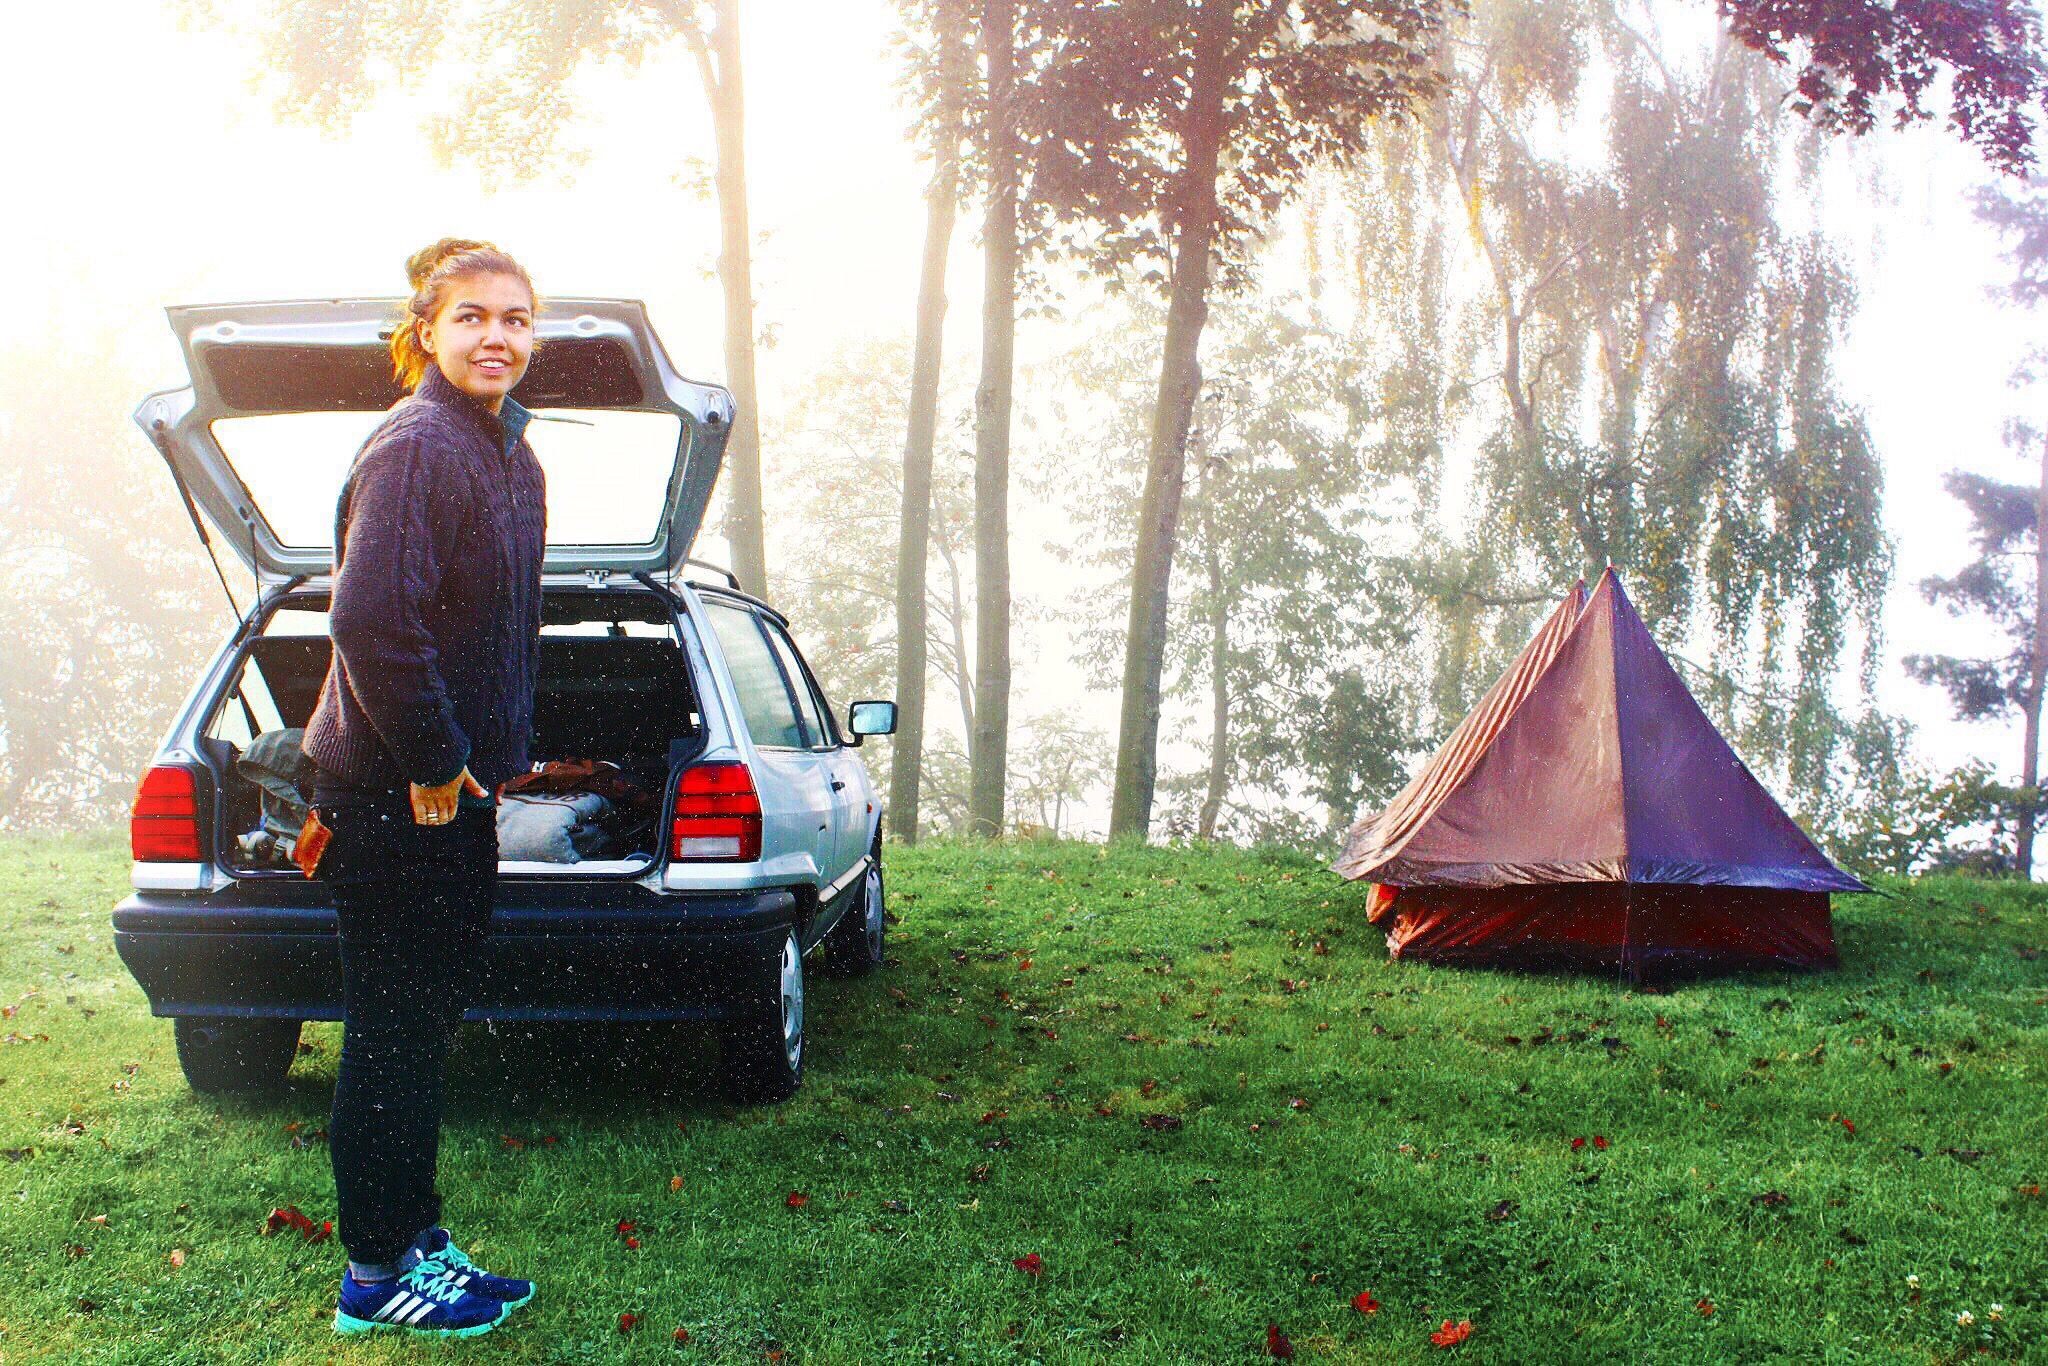 camping-trip_t20_09JO9k